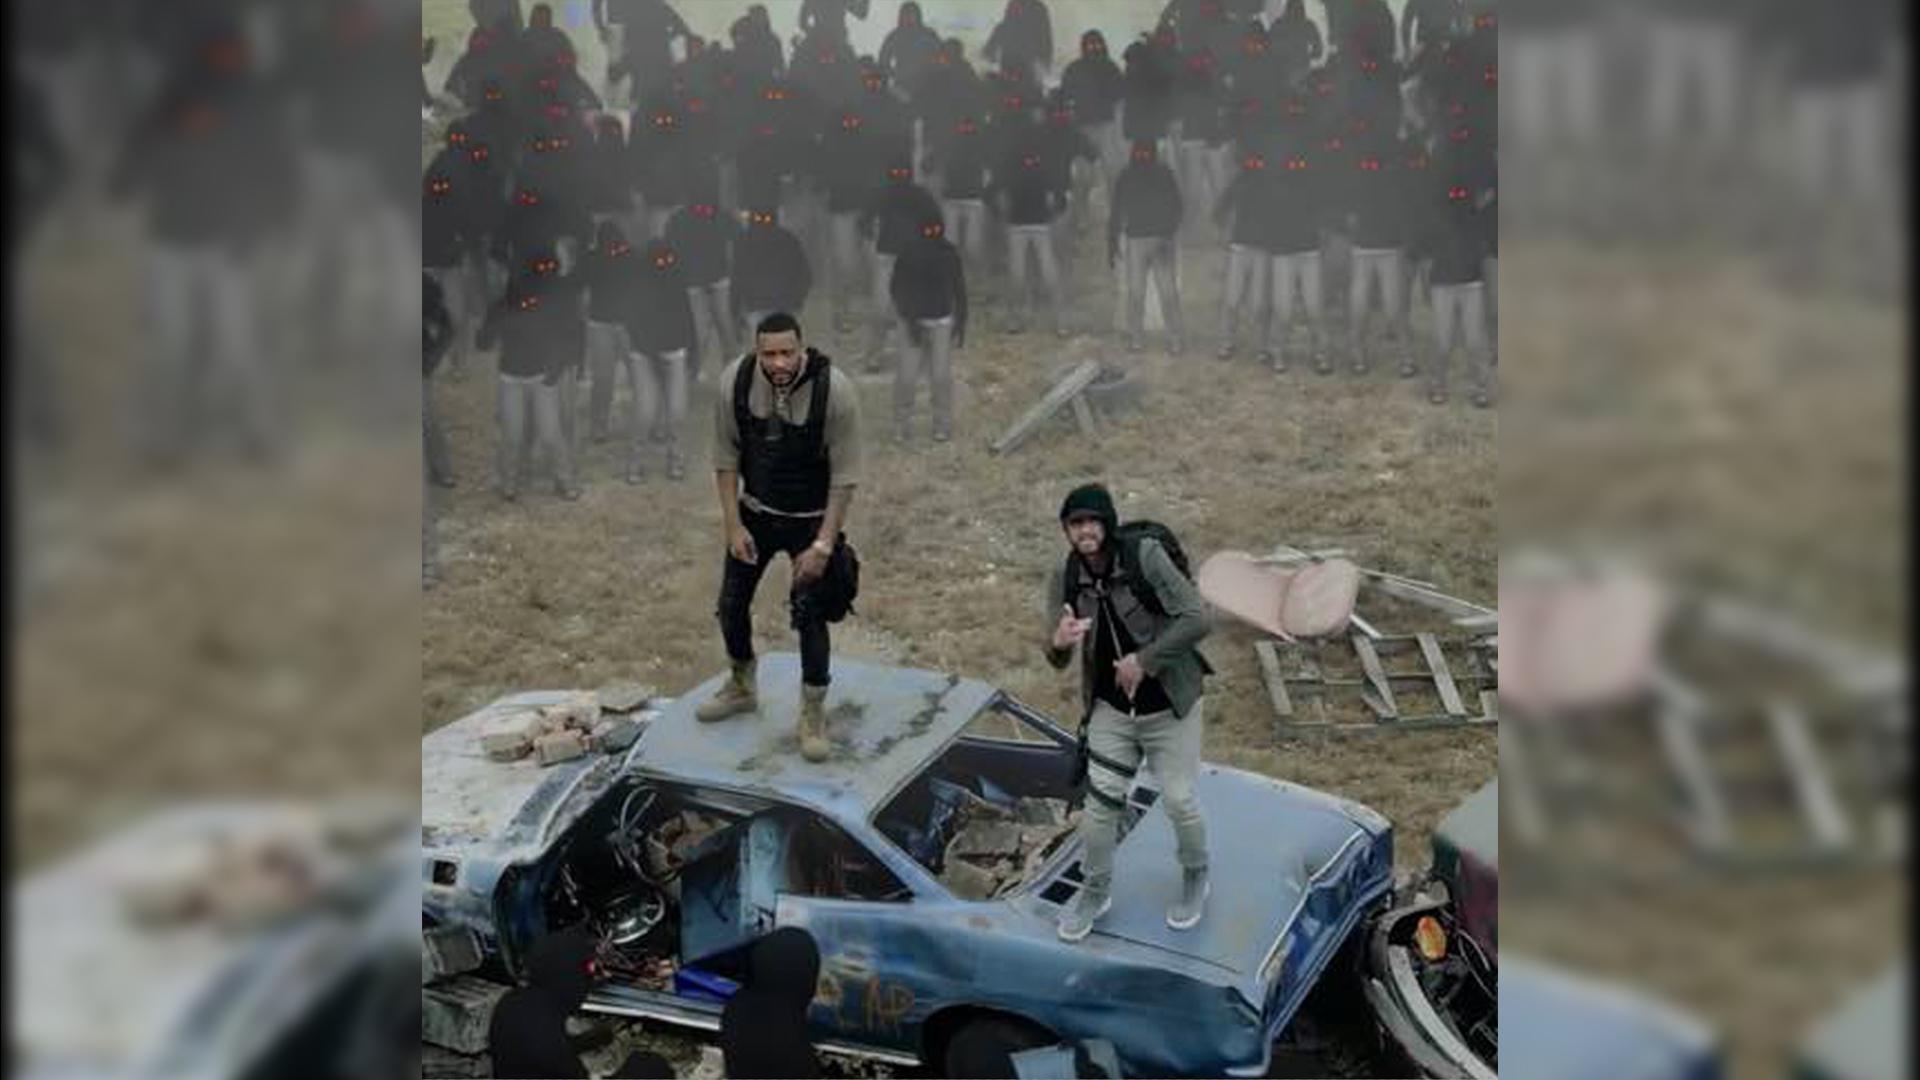 Eminem and Joyner Lucas